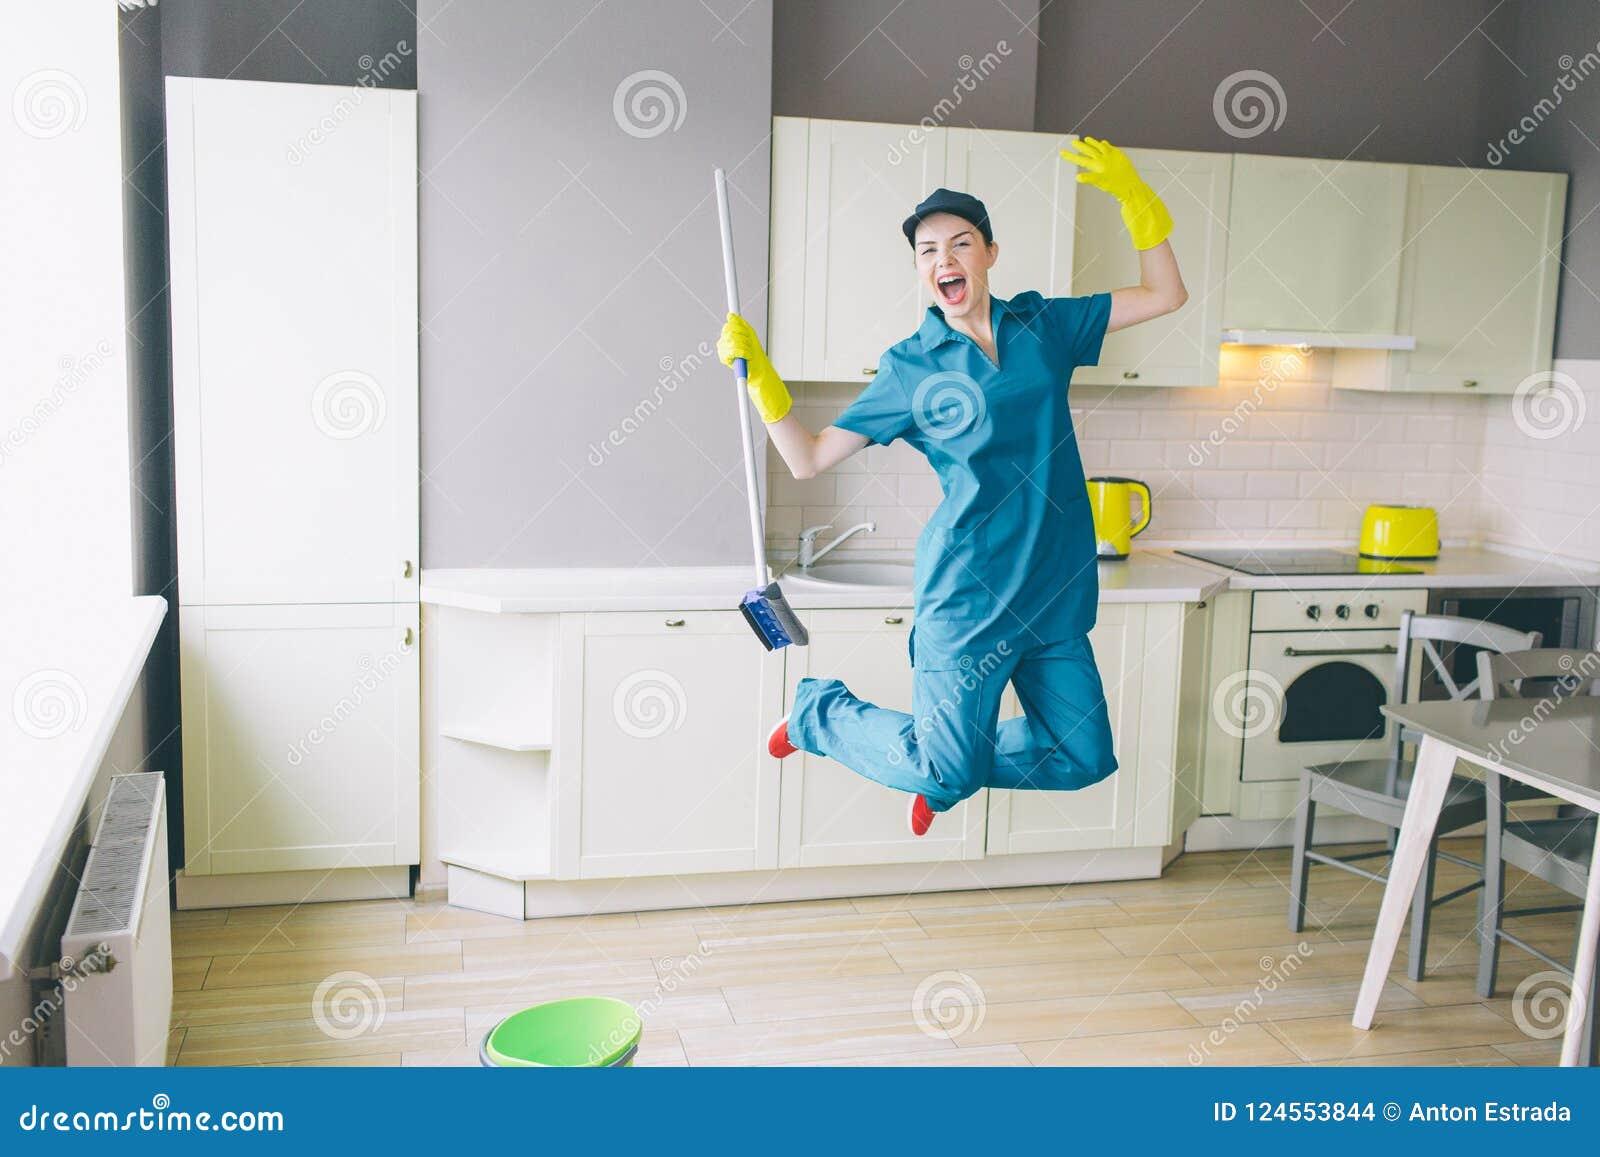 Grappige schonere sprongen omhoog in keuken Whe houdt omhoog haar handen Het meisje heeft rust die zij heeft opgehouden schoonmak